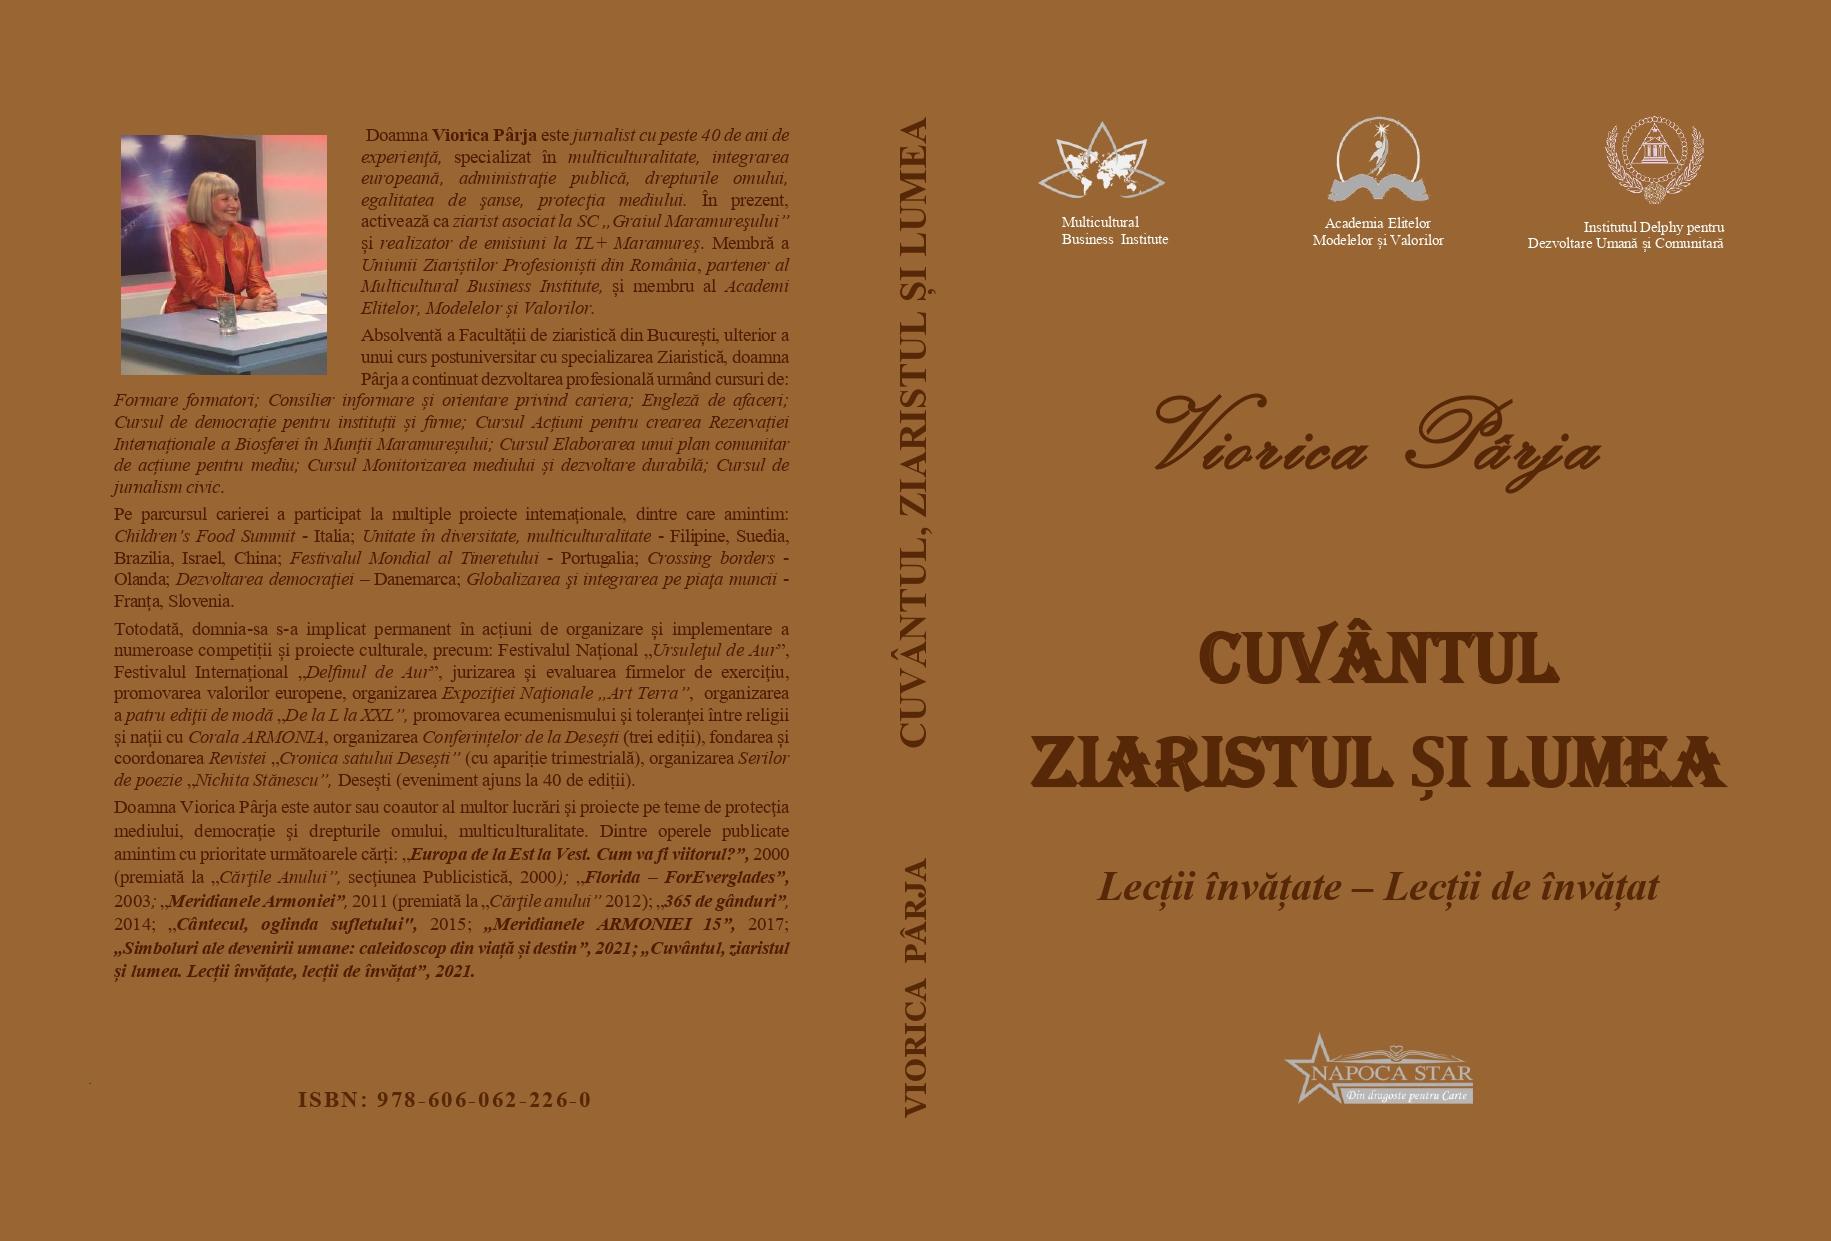 Cuvântul, ziaristul și lumea - coperta ed a II-a Viorica Pârja_page-0001